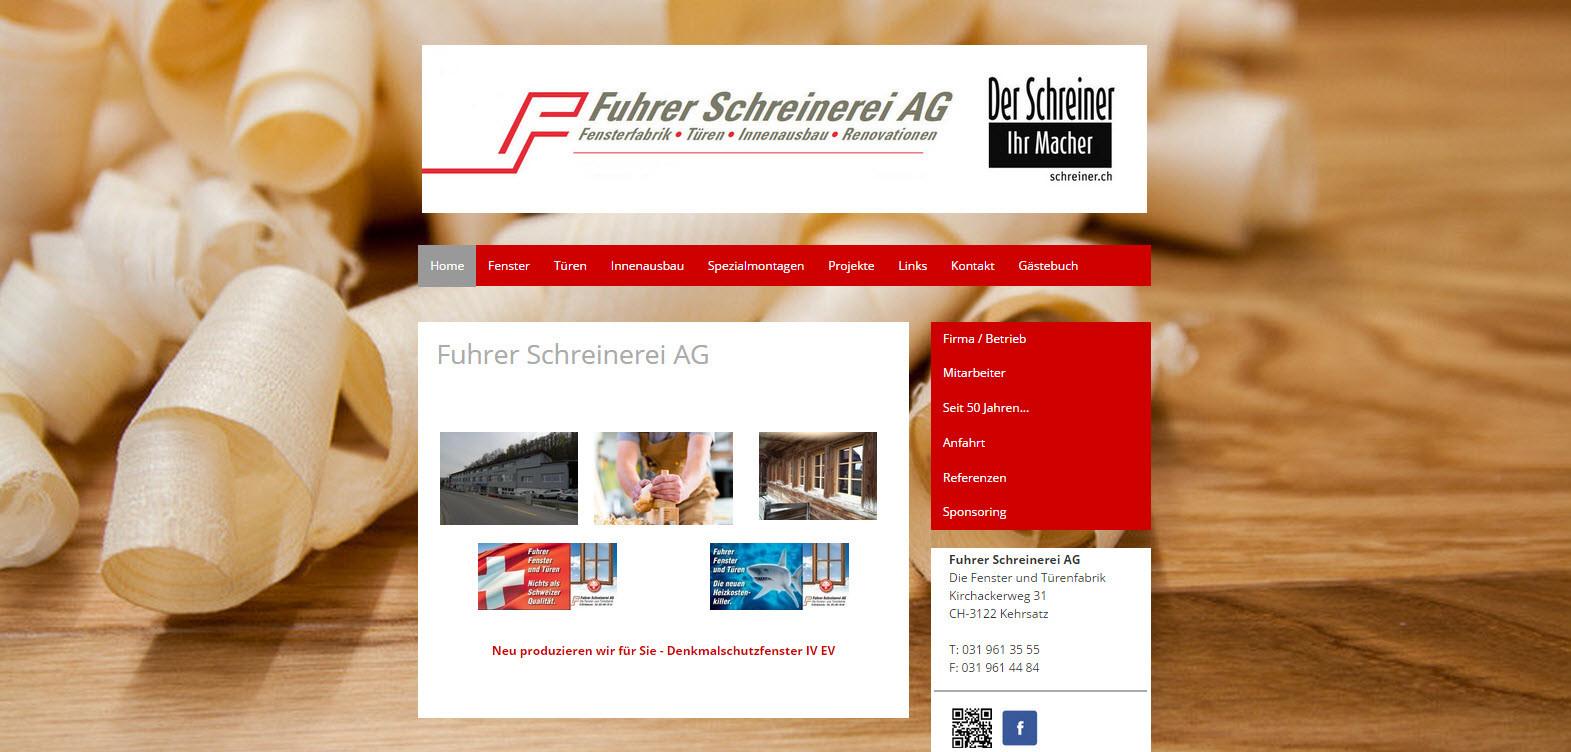 www.fuhrerschreinerei.ch